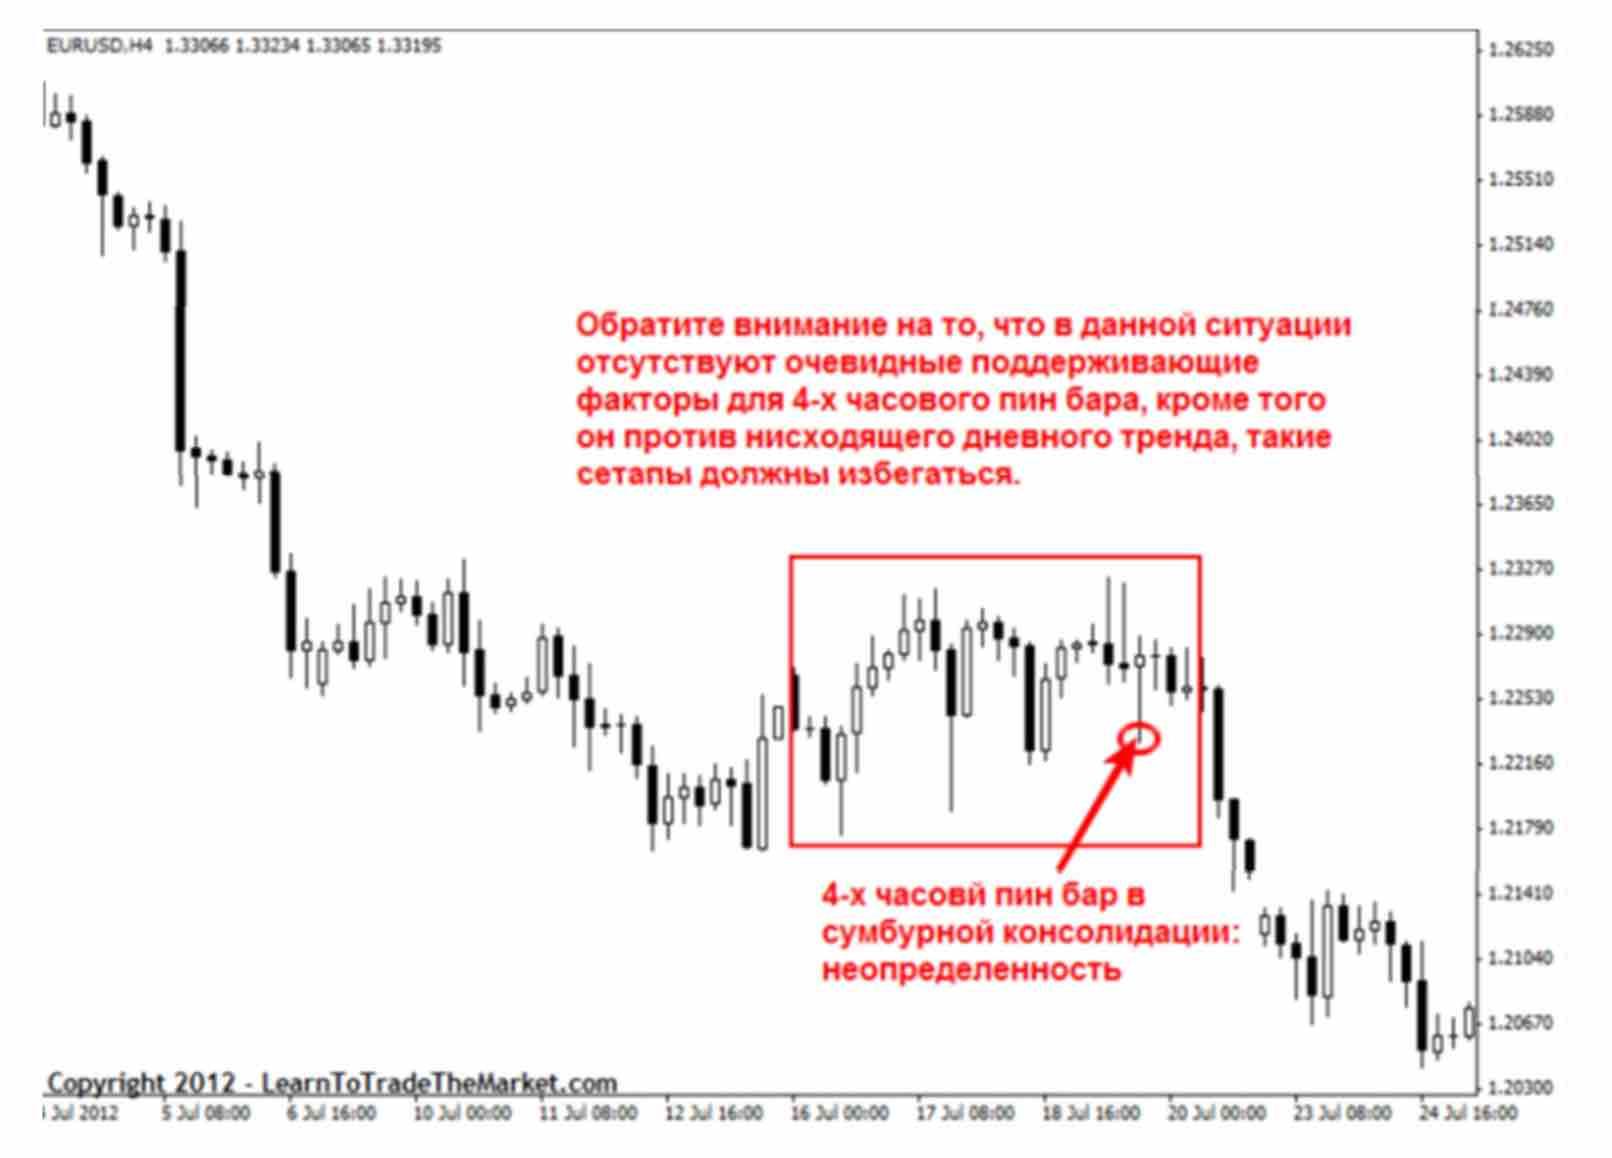 signal 10 Как отличить хорошие и плохие торговые сигналы прайс экшен?